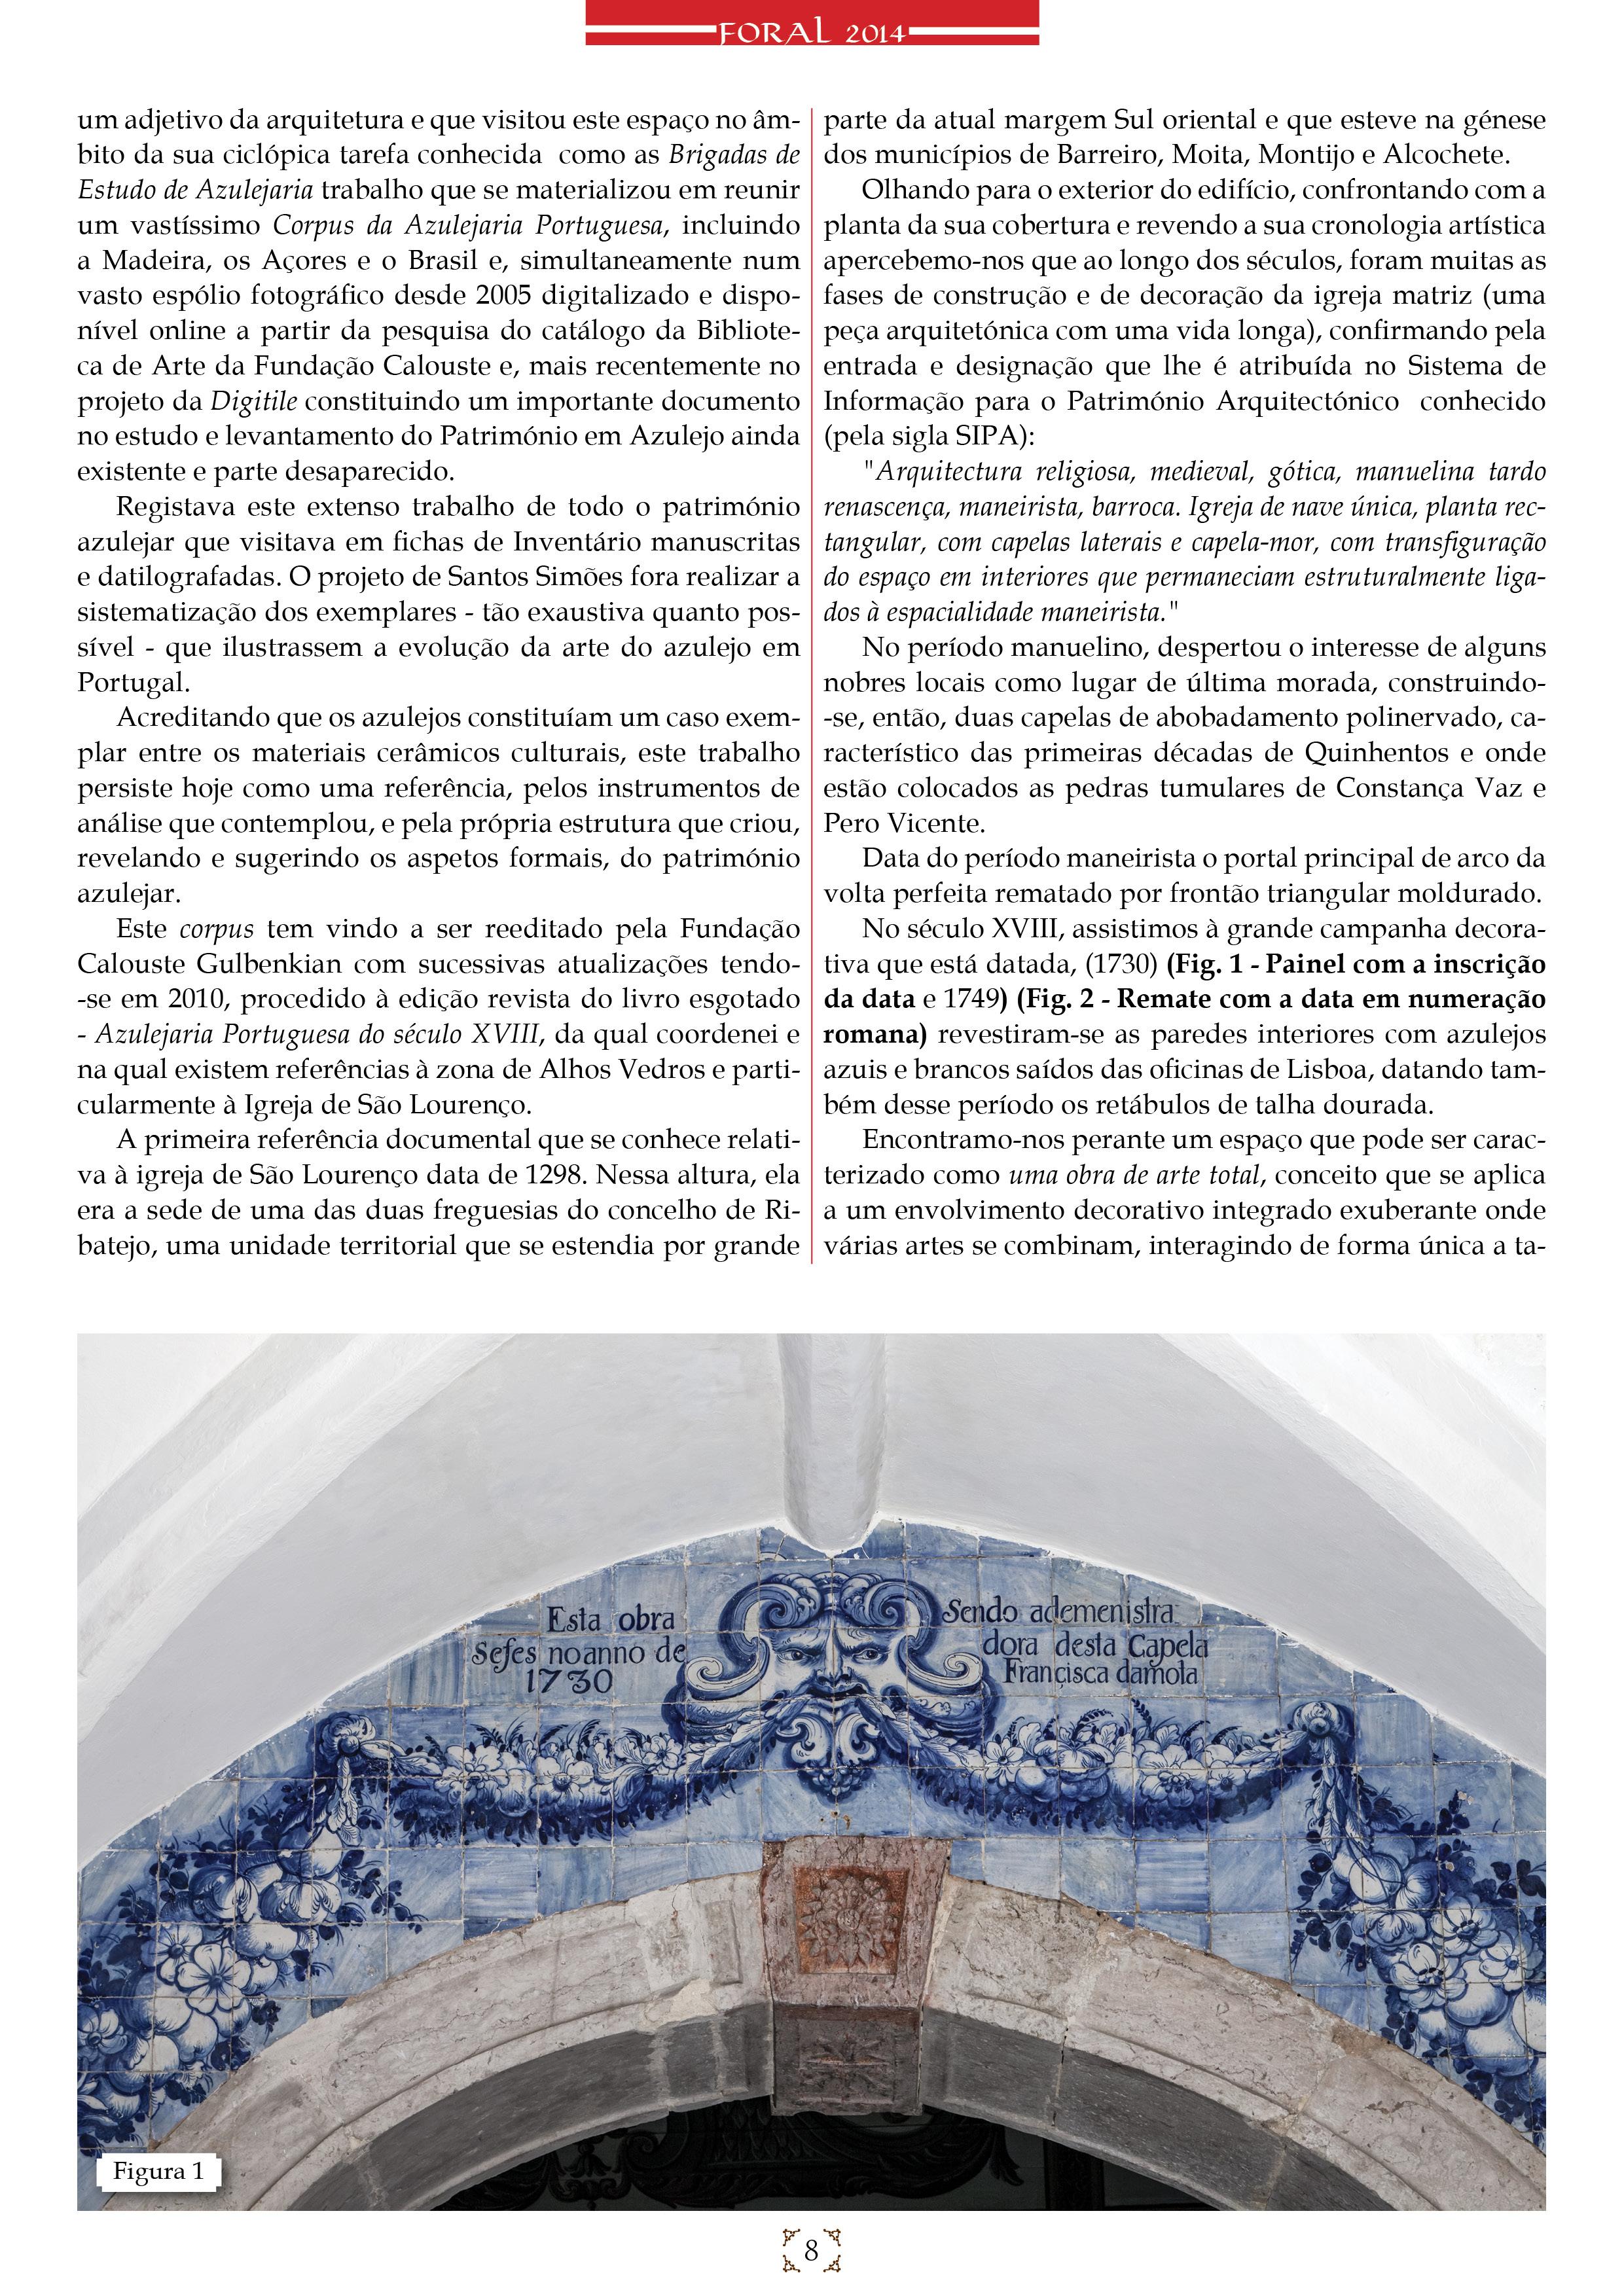 Foral2014_nº14_Junho_2018_(8)